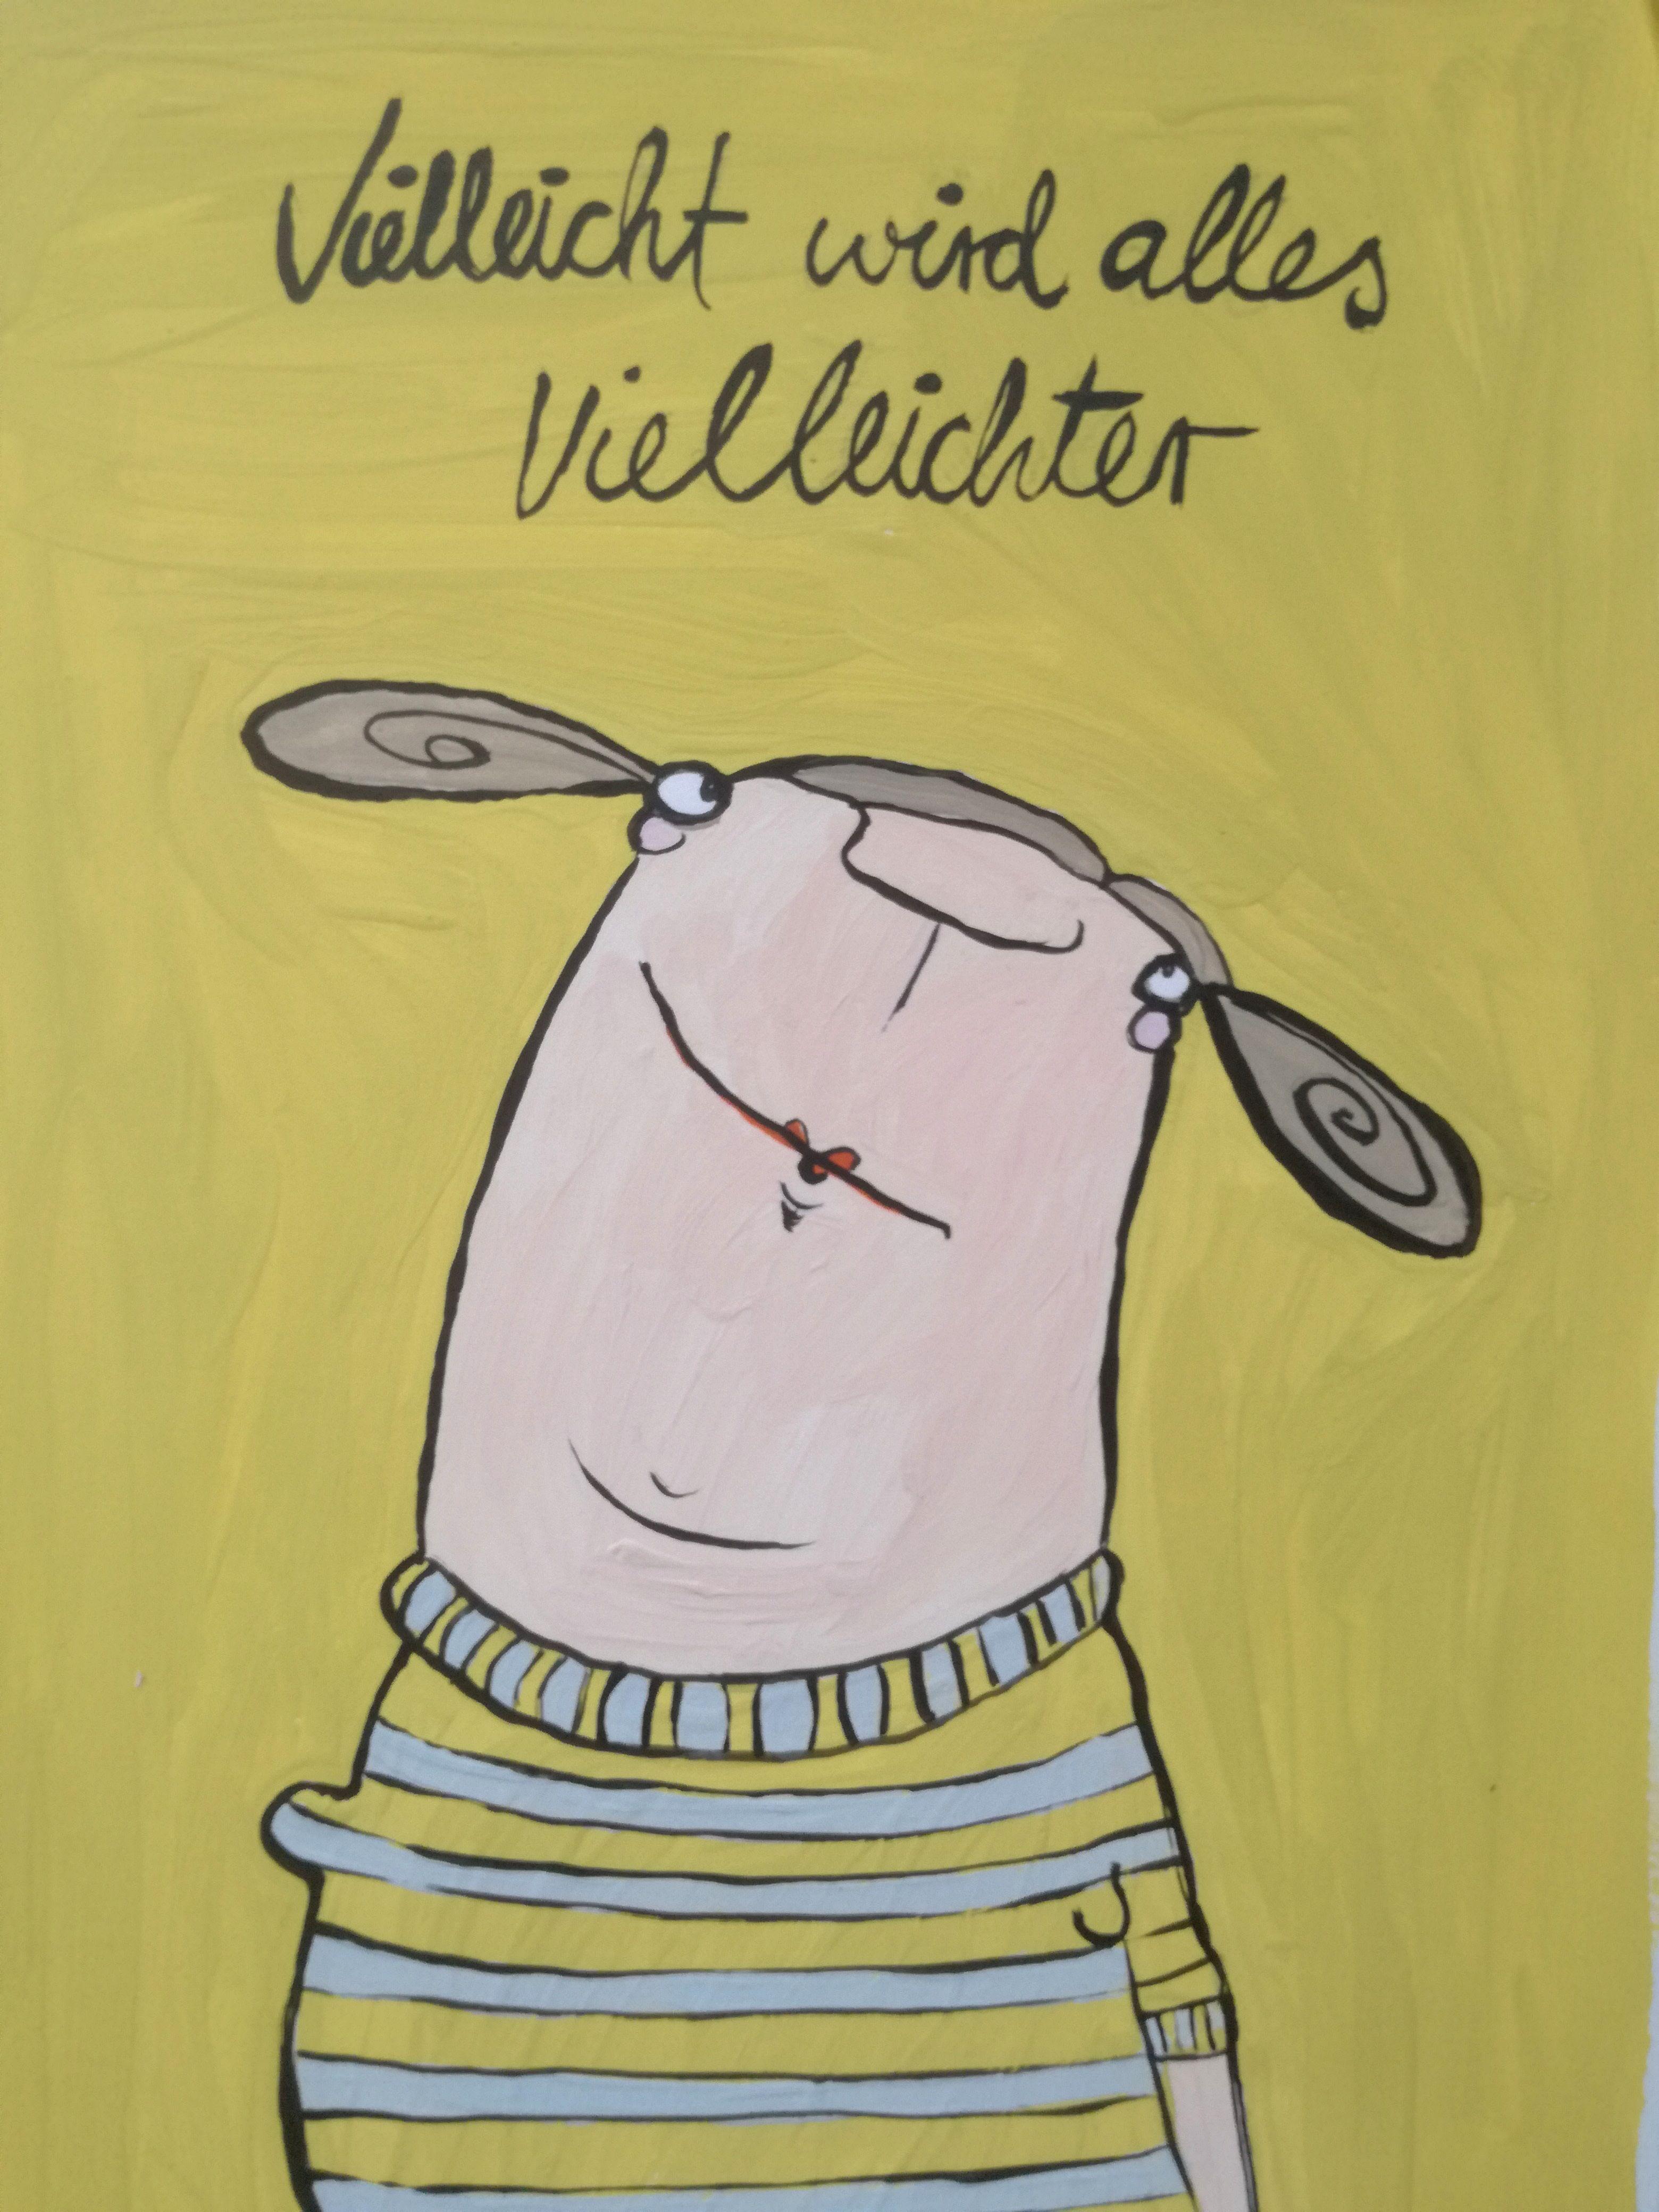 Photo of Illustration Postkarte Postkarte Etsy Shop Kittiekatstudio Mutmacher lustig p